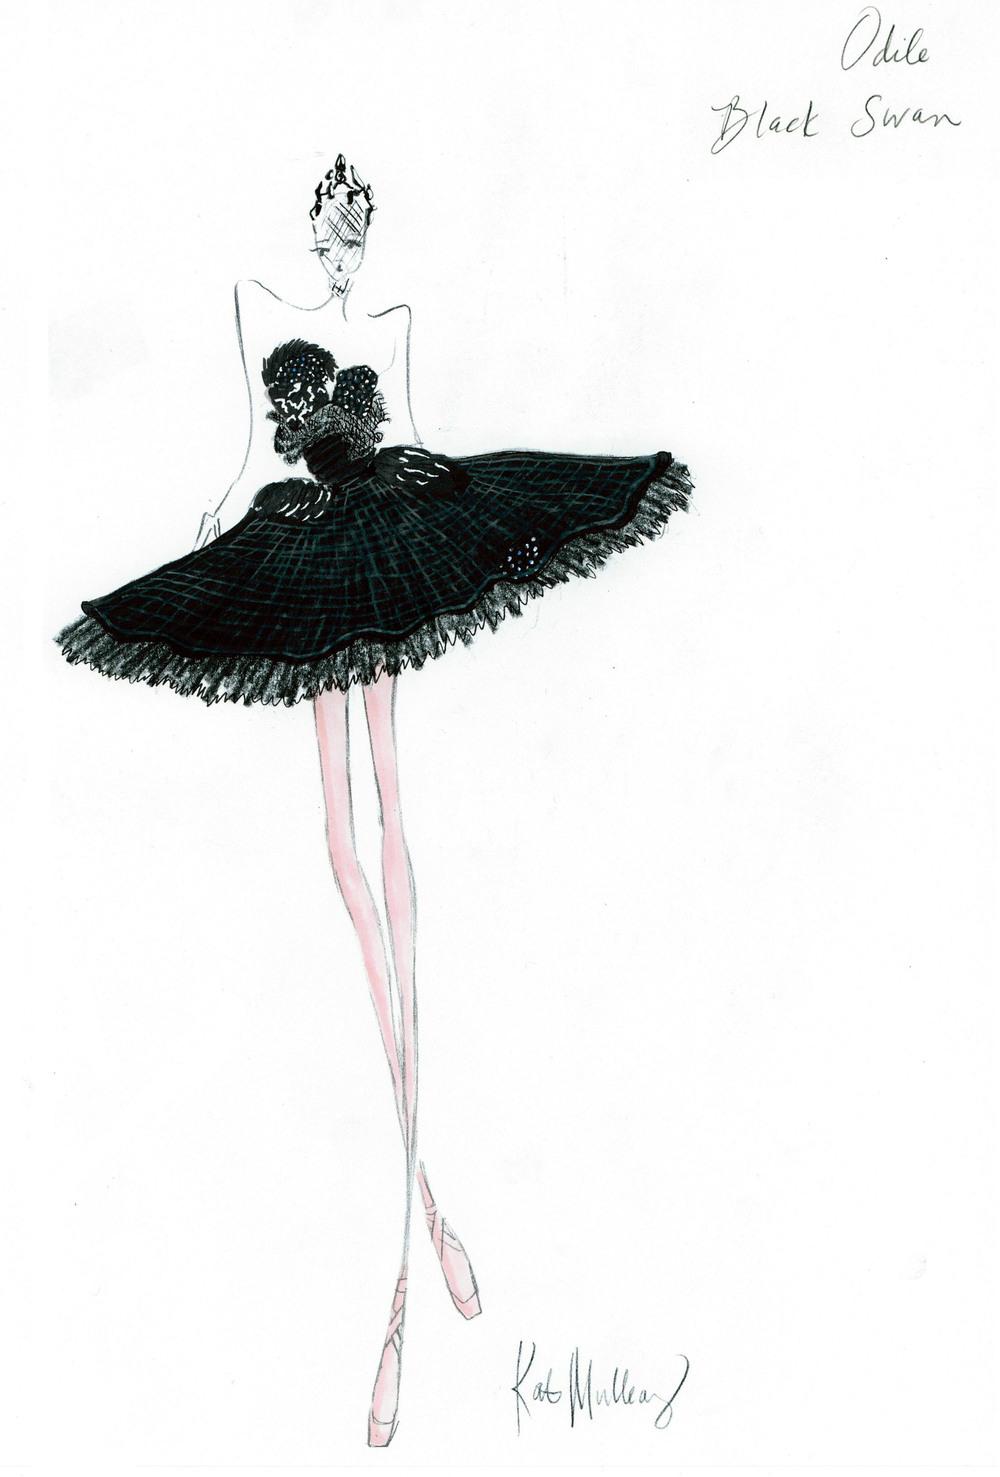 BlackSwan1.jpg